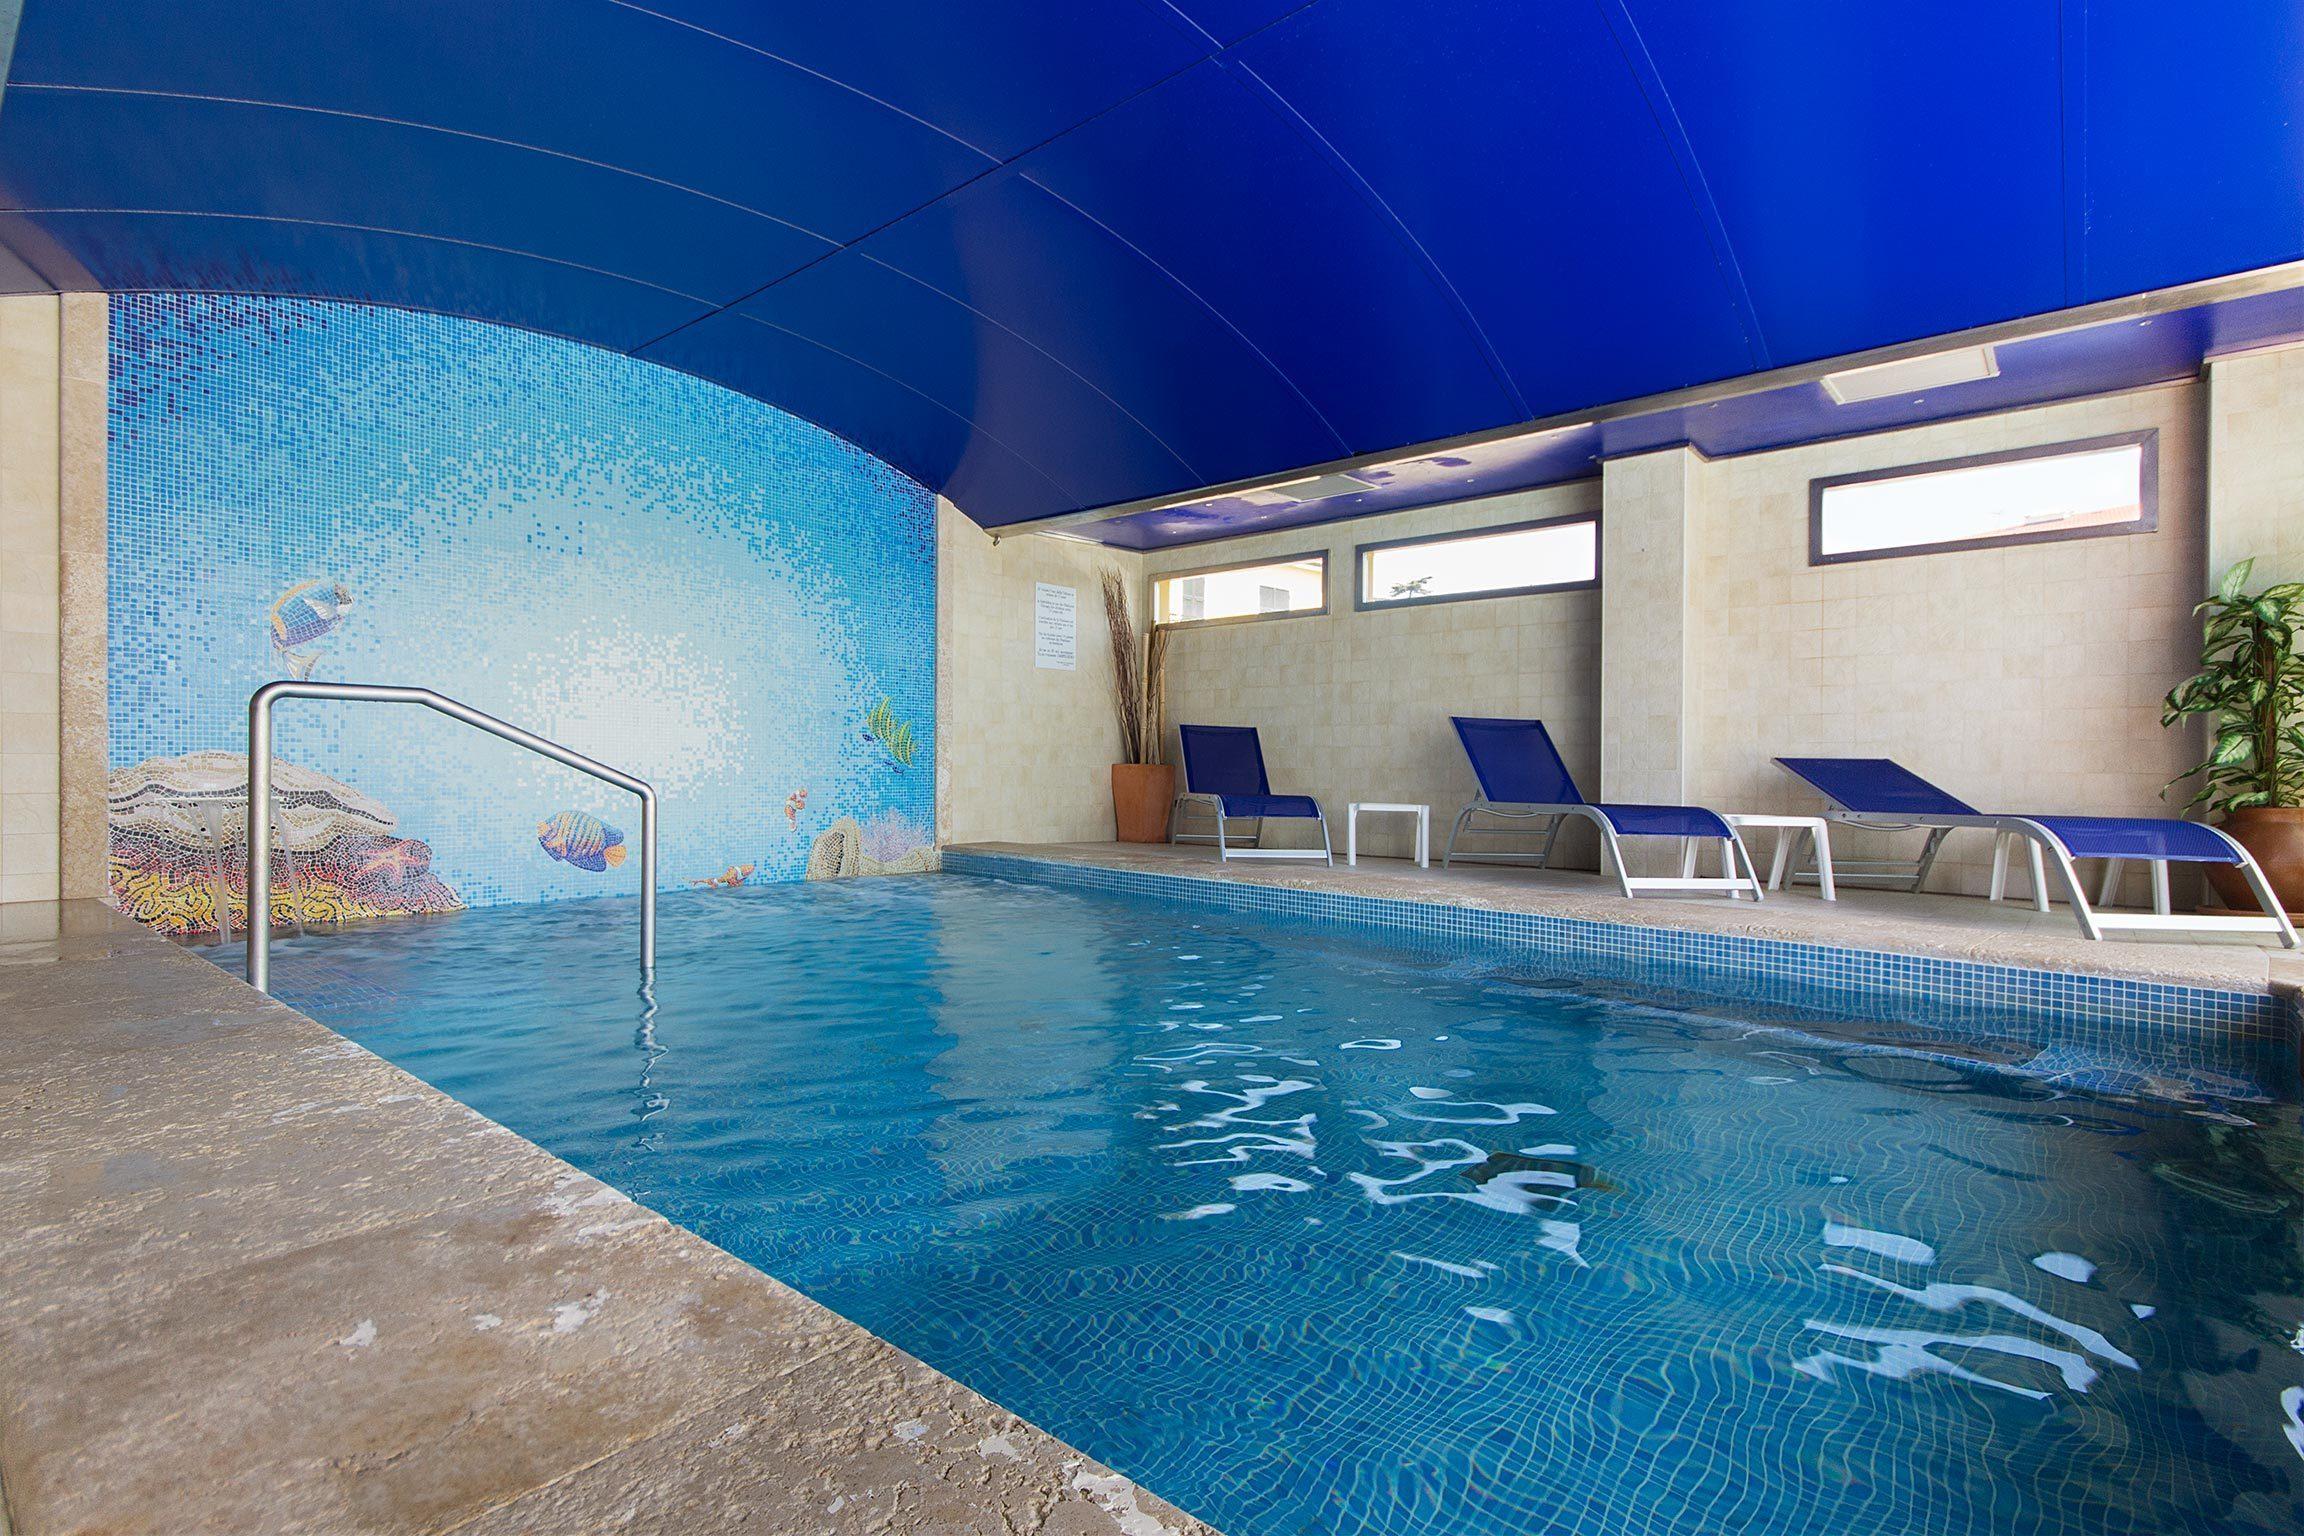 hotel con piscina a diano marina - zona wellness coperta